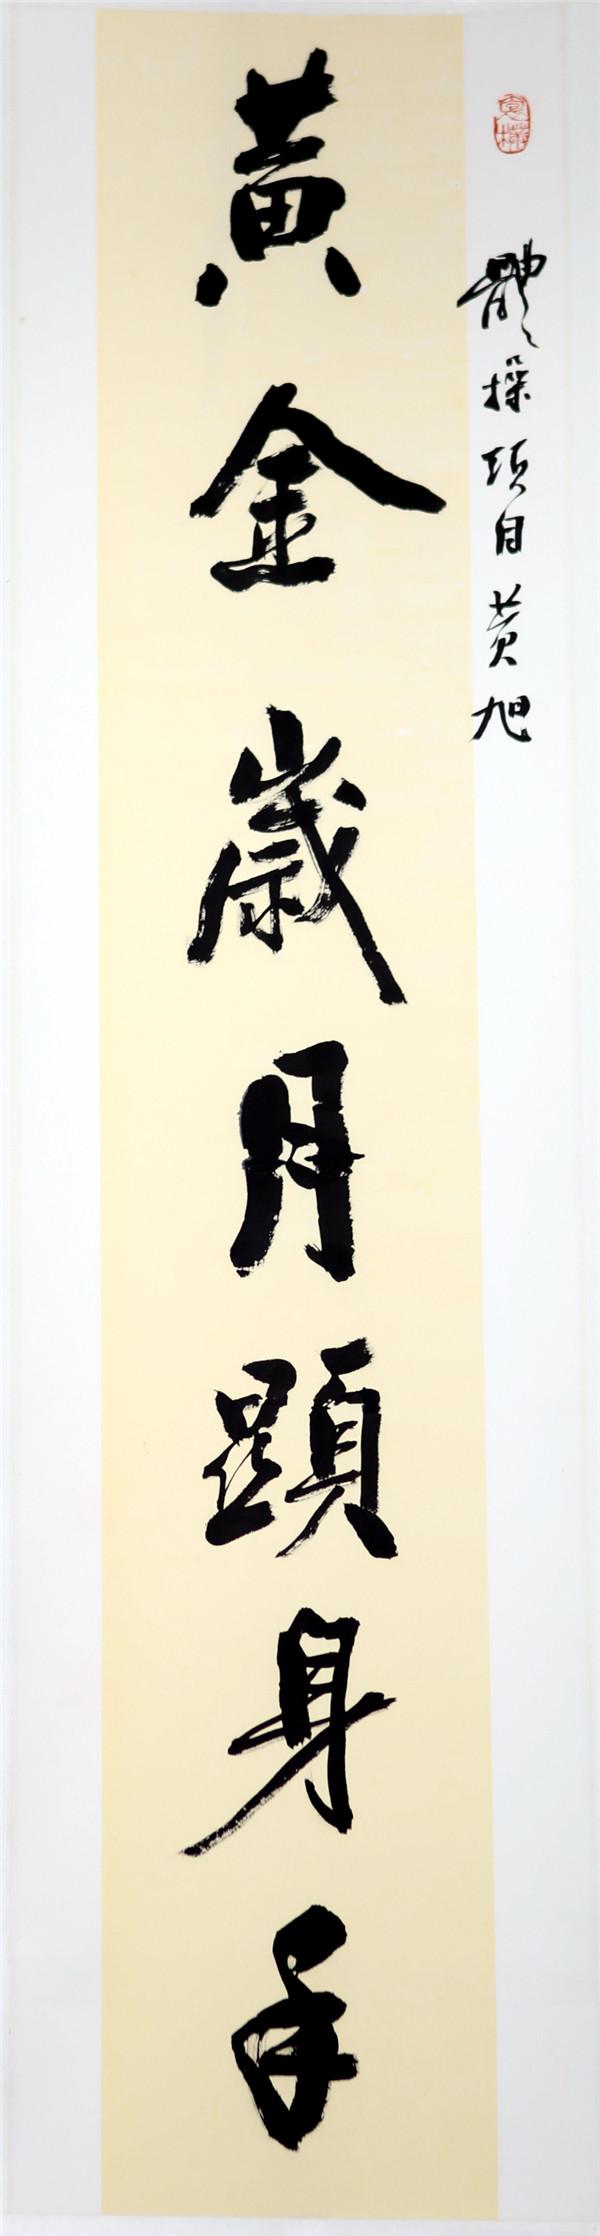 序号356,书录李行敏为江苏奥运冠军黄旭嵌名联